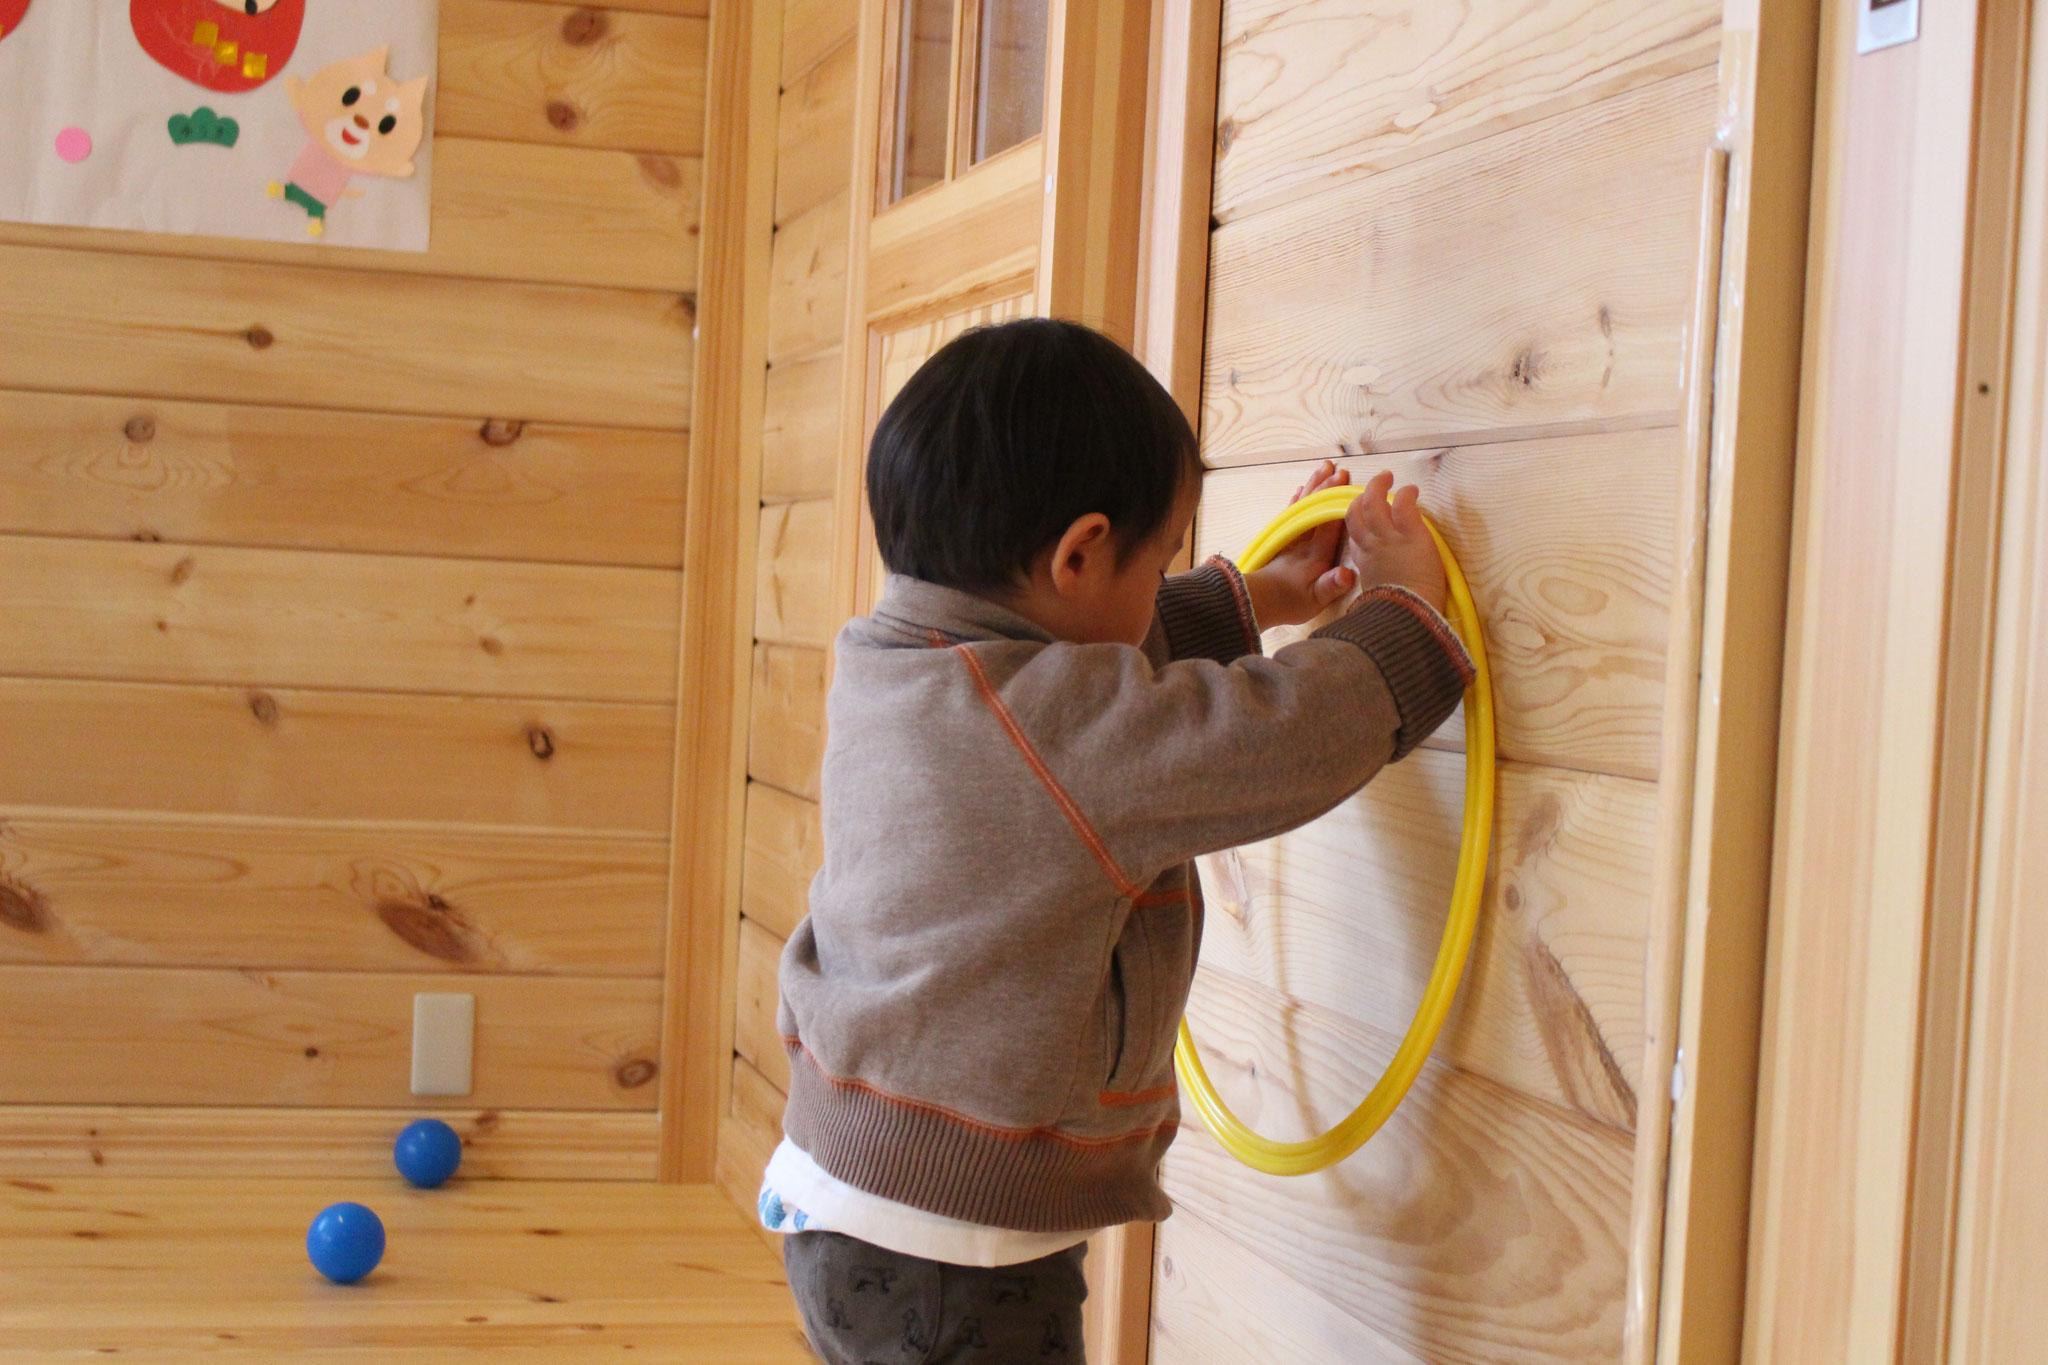 ドラえもんの 秘密道具で 壁をすり抜けるアイテムみたいな 活用をするなんて! 発想の豊かさを感じます!